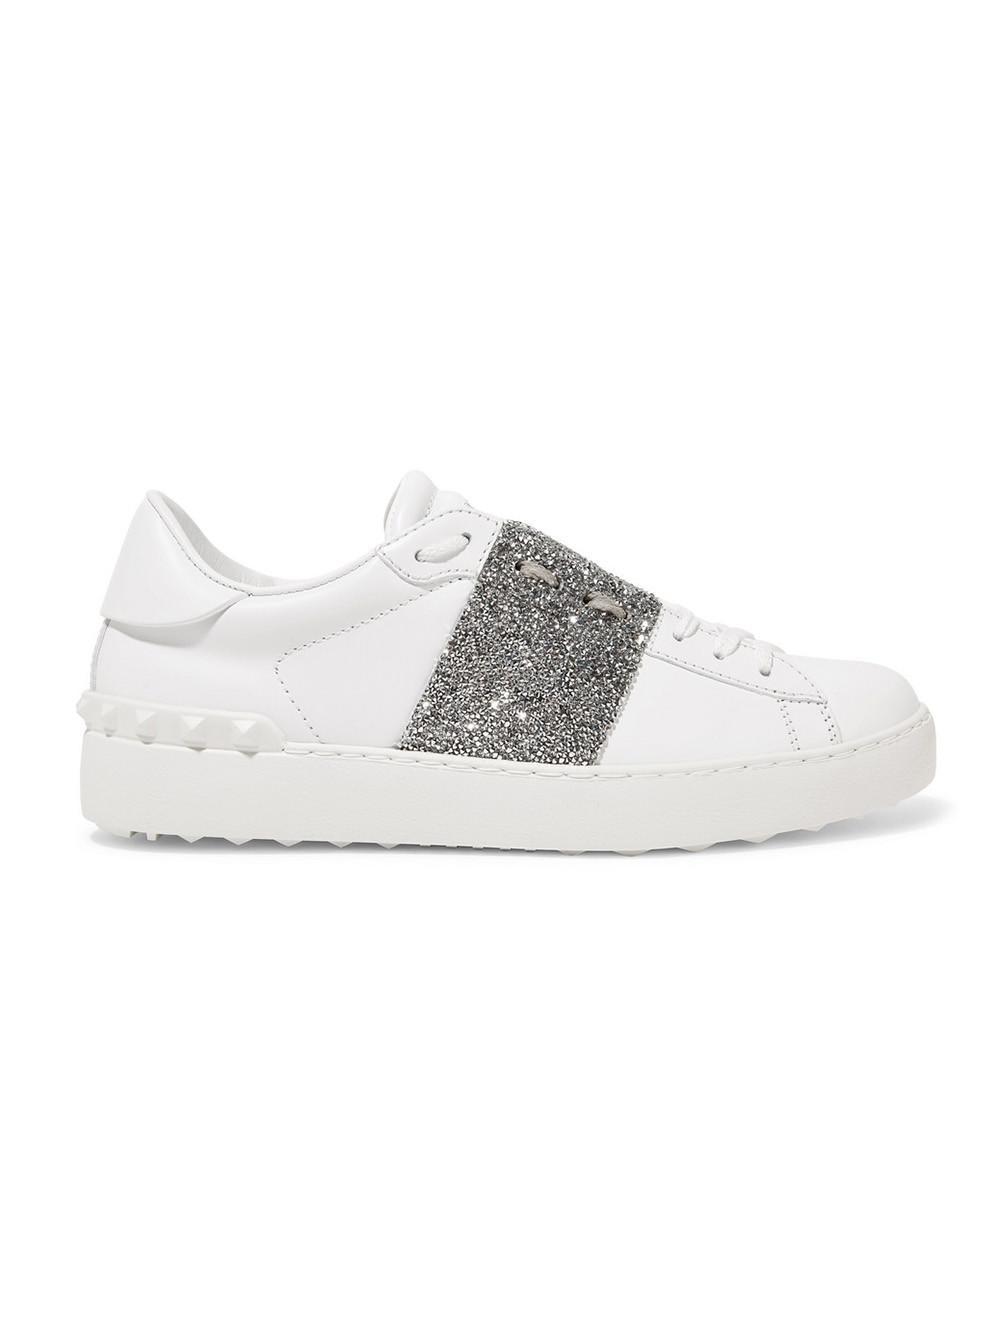 1052684f4f202 Valentino Garavani Open Sneakers in White - Save 53% - Lyst